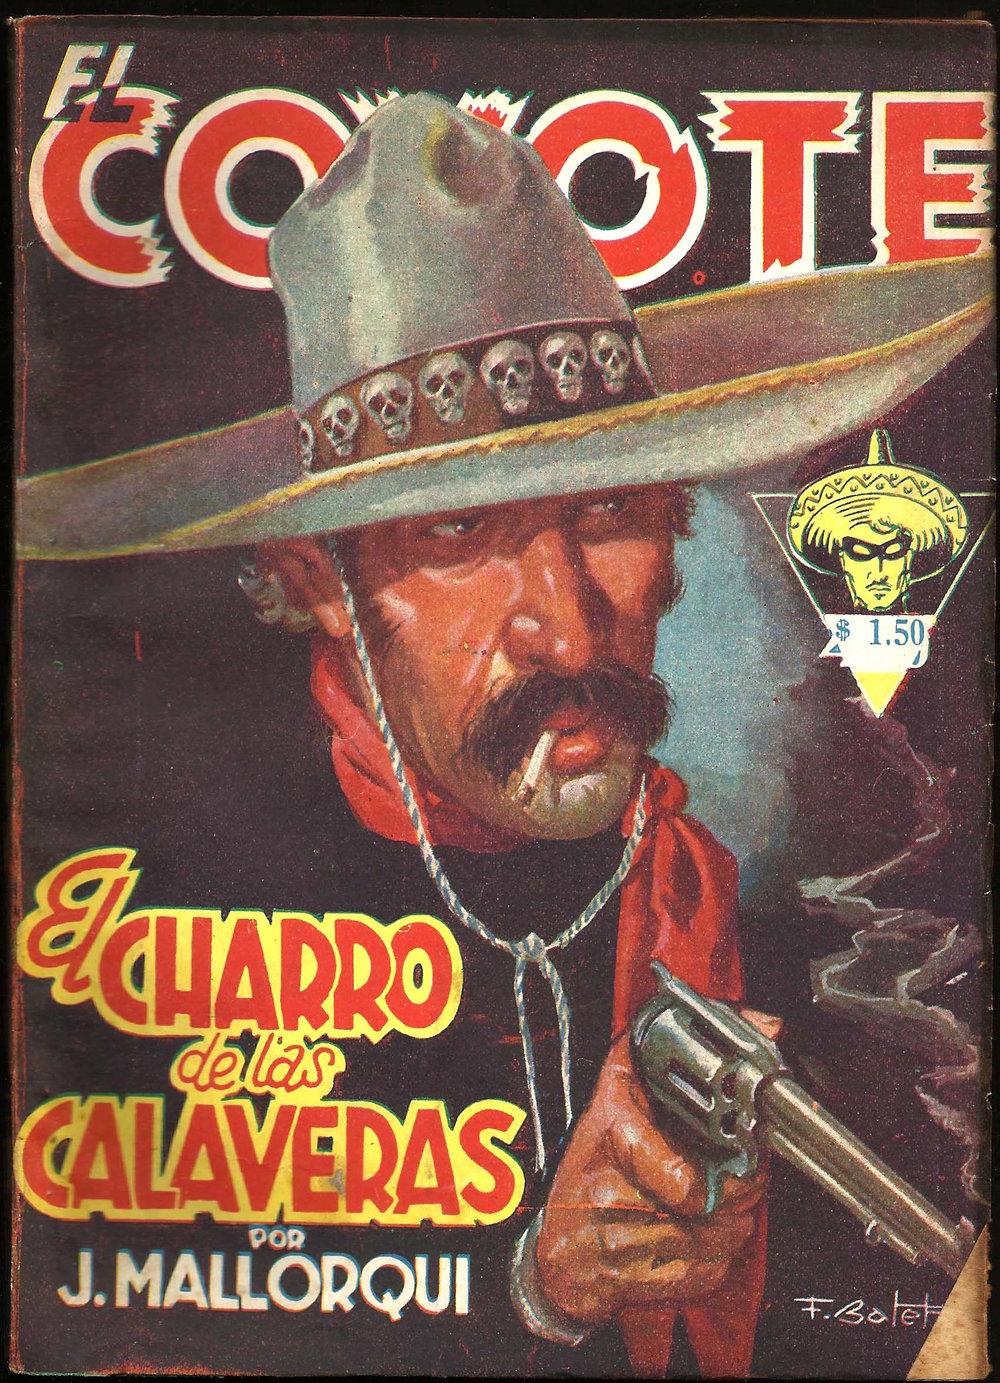 Coyote 60 Charro.jpg